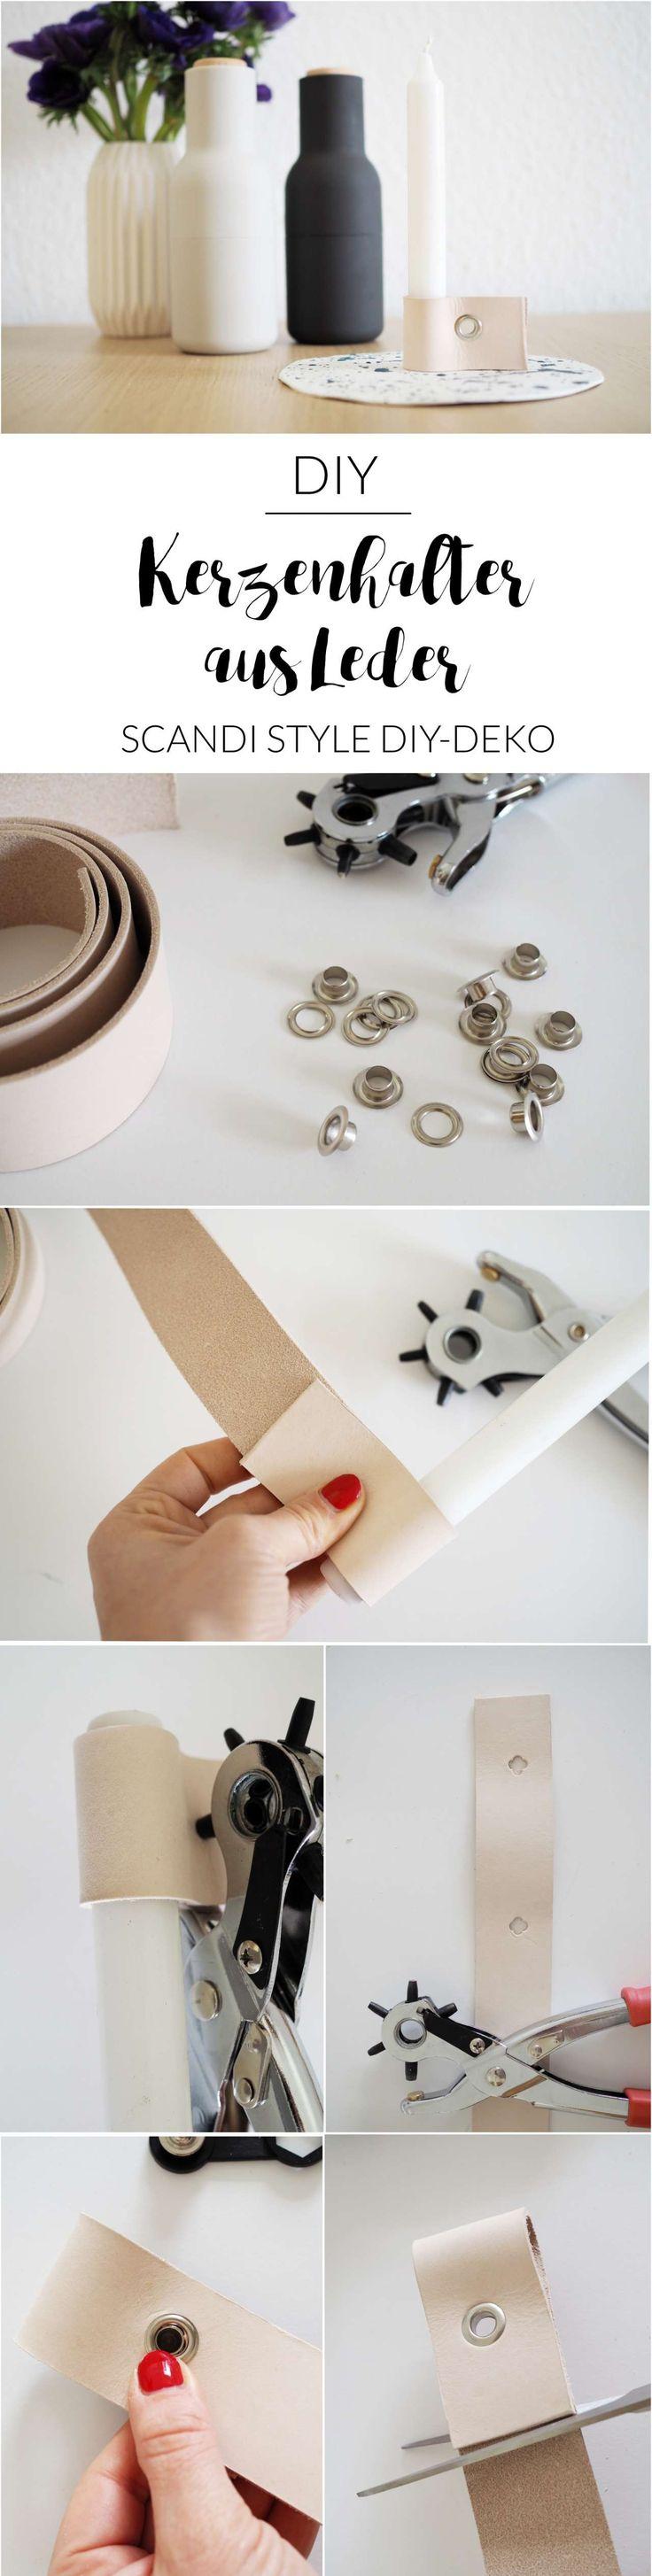 Scandi Look: DIY-Kerzenhalter aus Leder mit passendem Tablett / Teller aus Modelliermasse | Teelichthalter | Kerzenständer selber machen | DIY mit Leder | Deko selber machen | Scandi Trend | Scandinavian Design | Geschenke selber machen | selbstgemacht | paulsvera